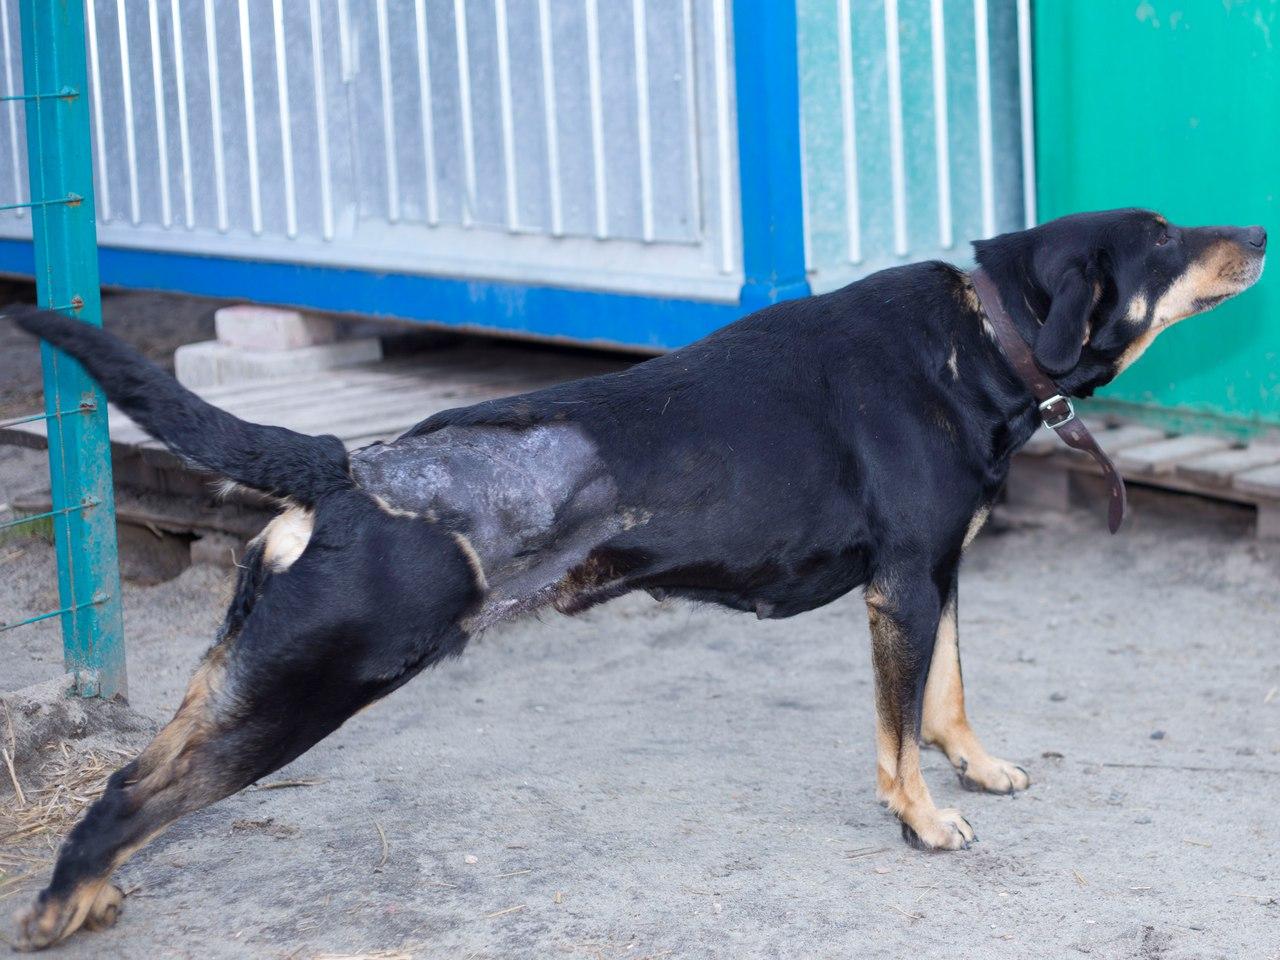 История Землянички - ласковой собаки, которую едва не разрубили пополам! рис 6